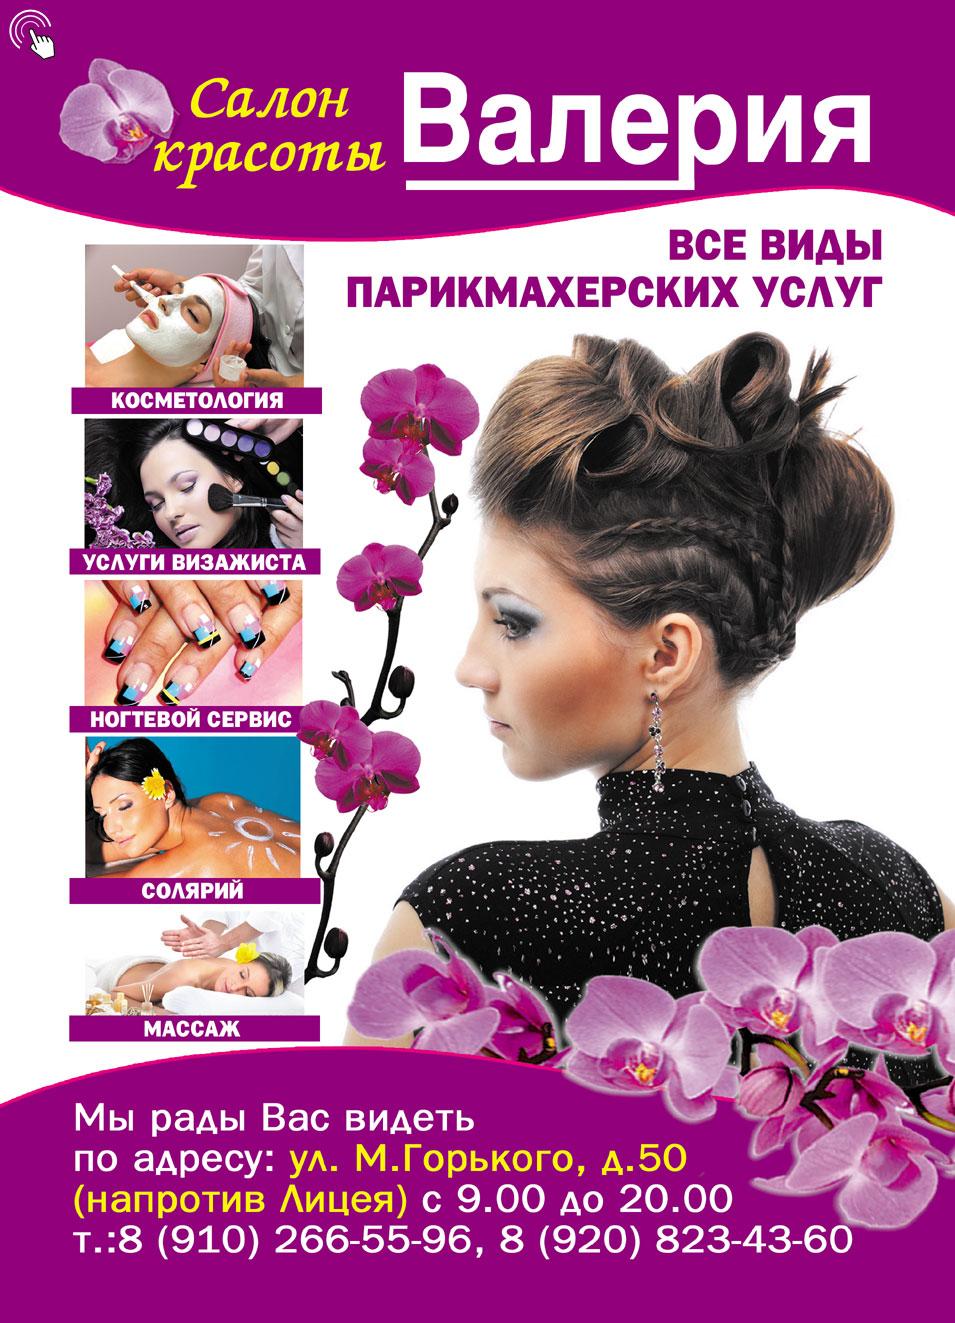 Все виды реклам для салонов красоты